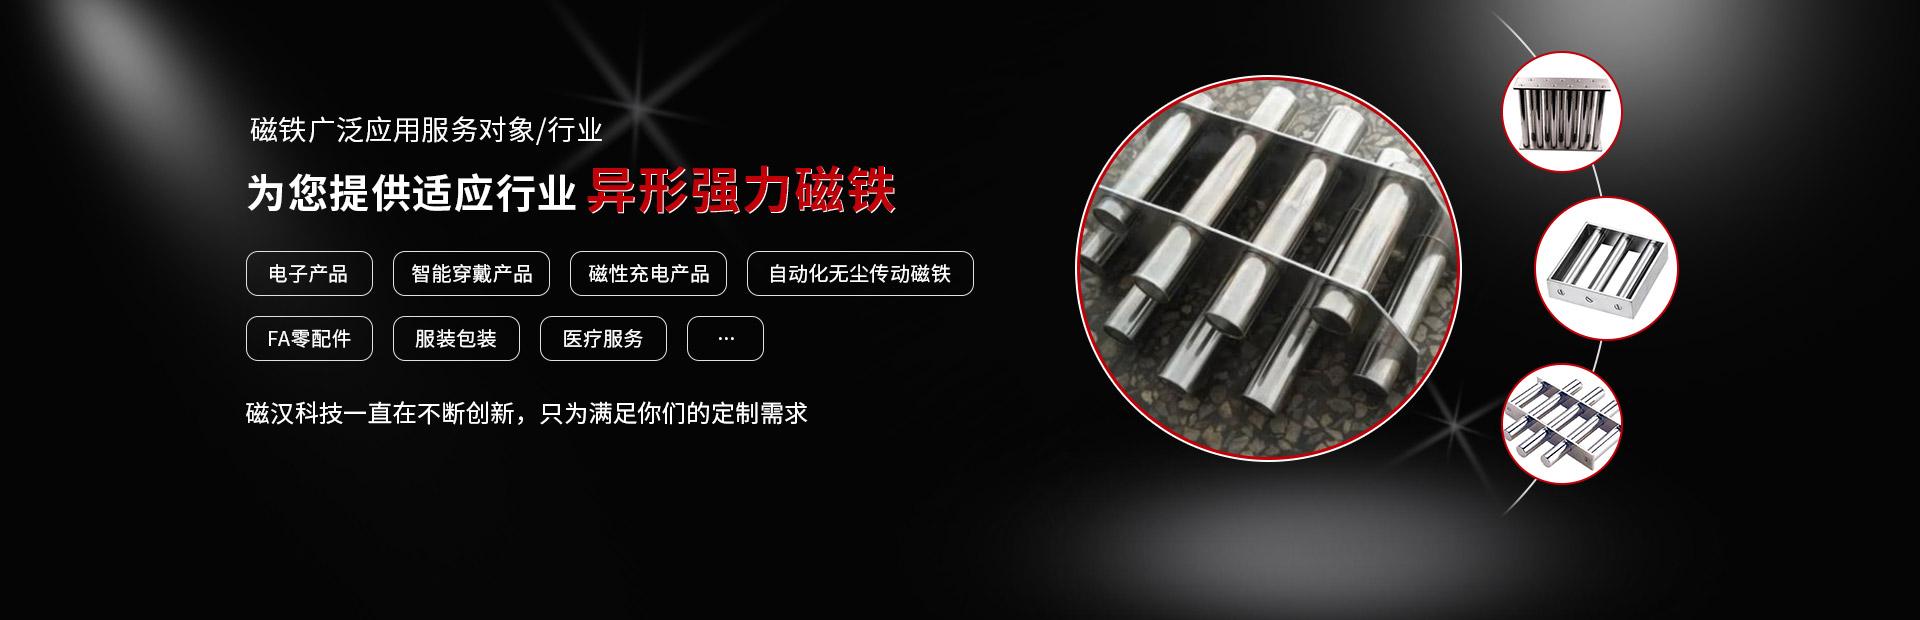 上海强磁铁公司